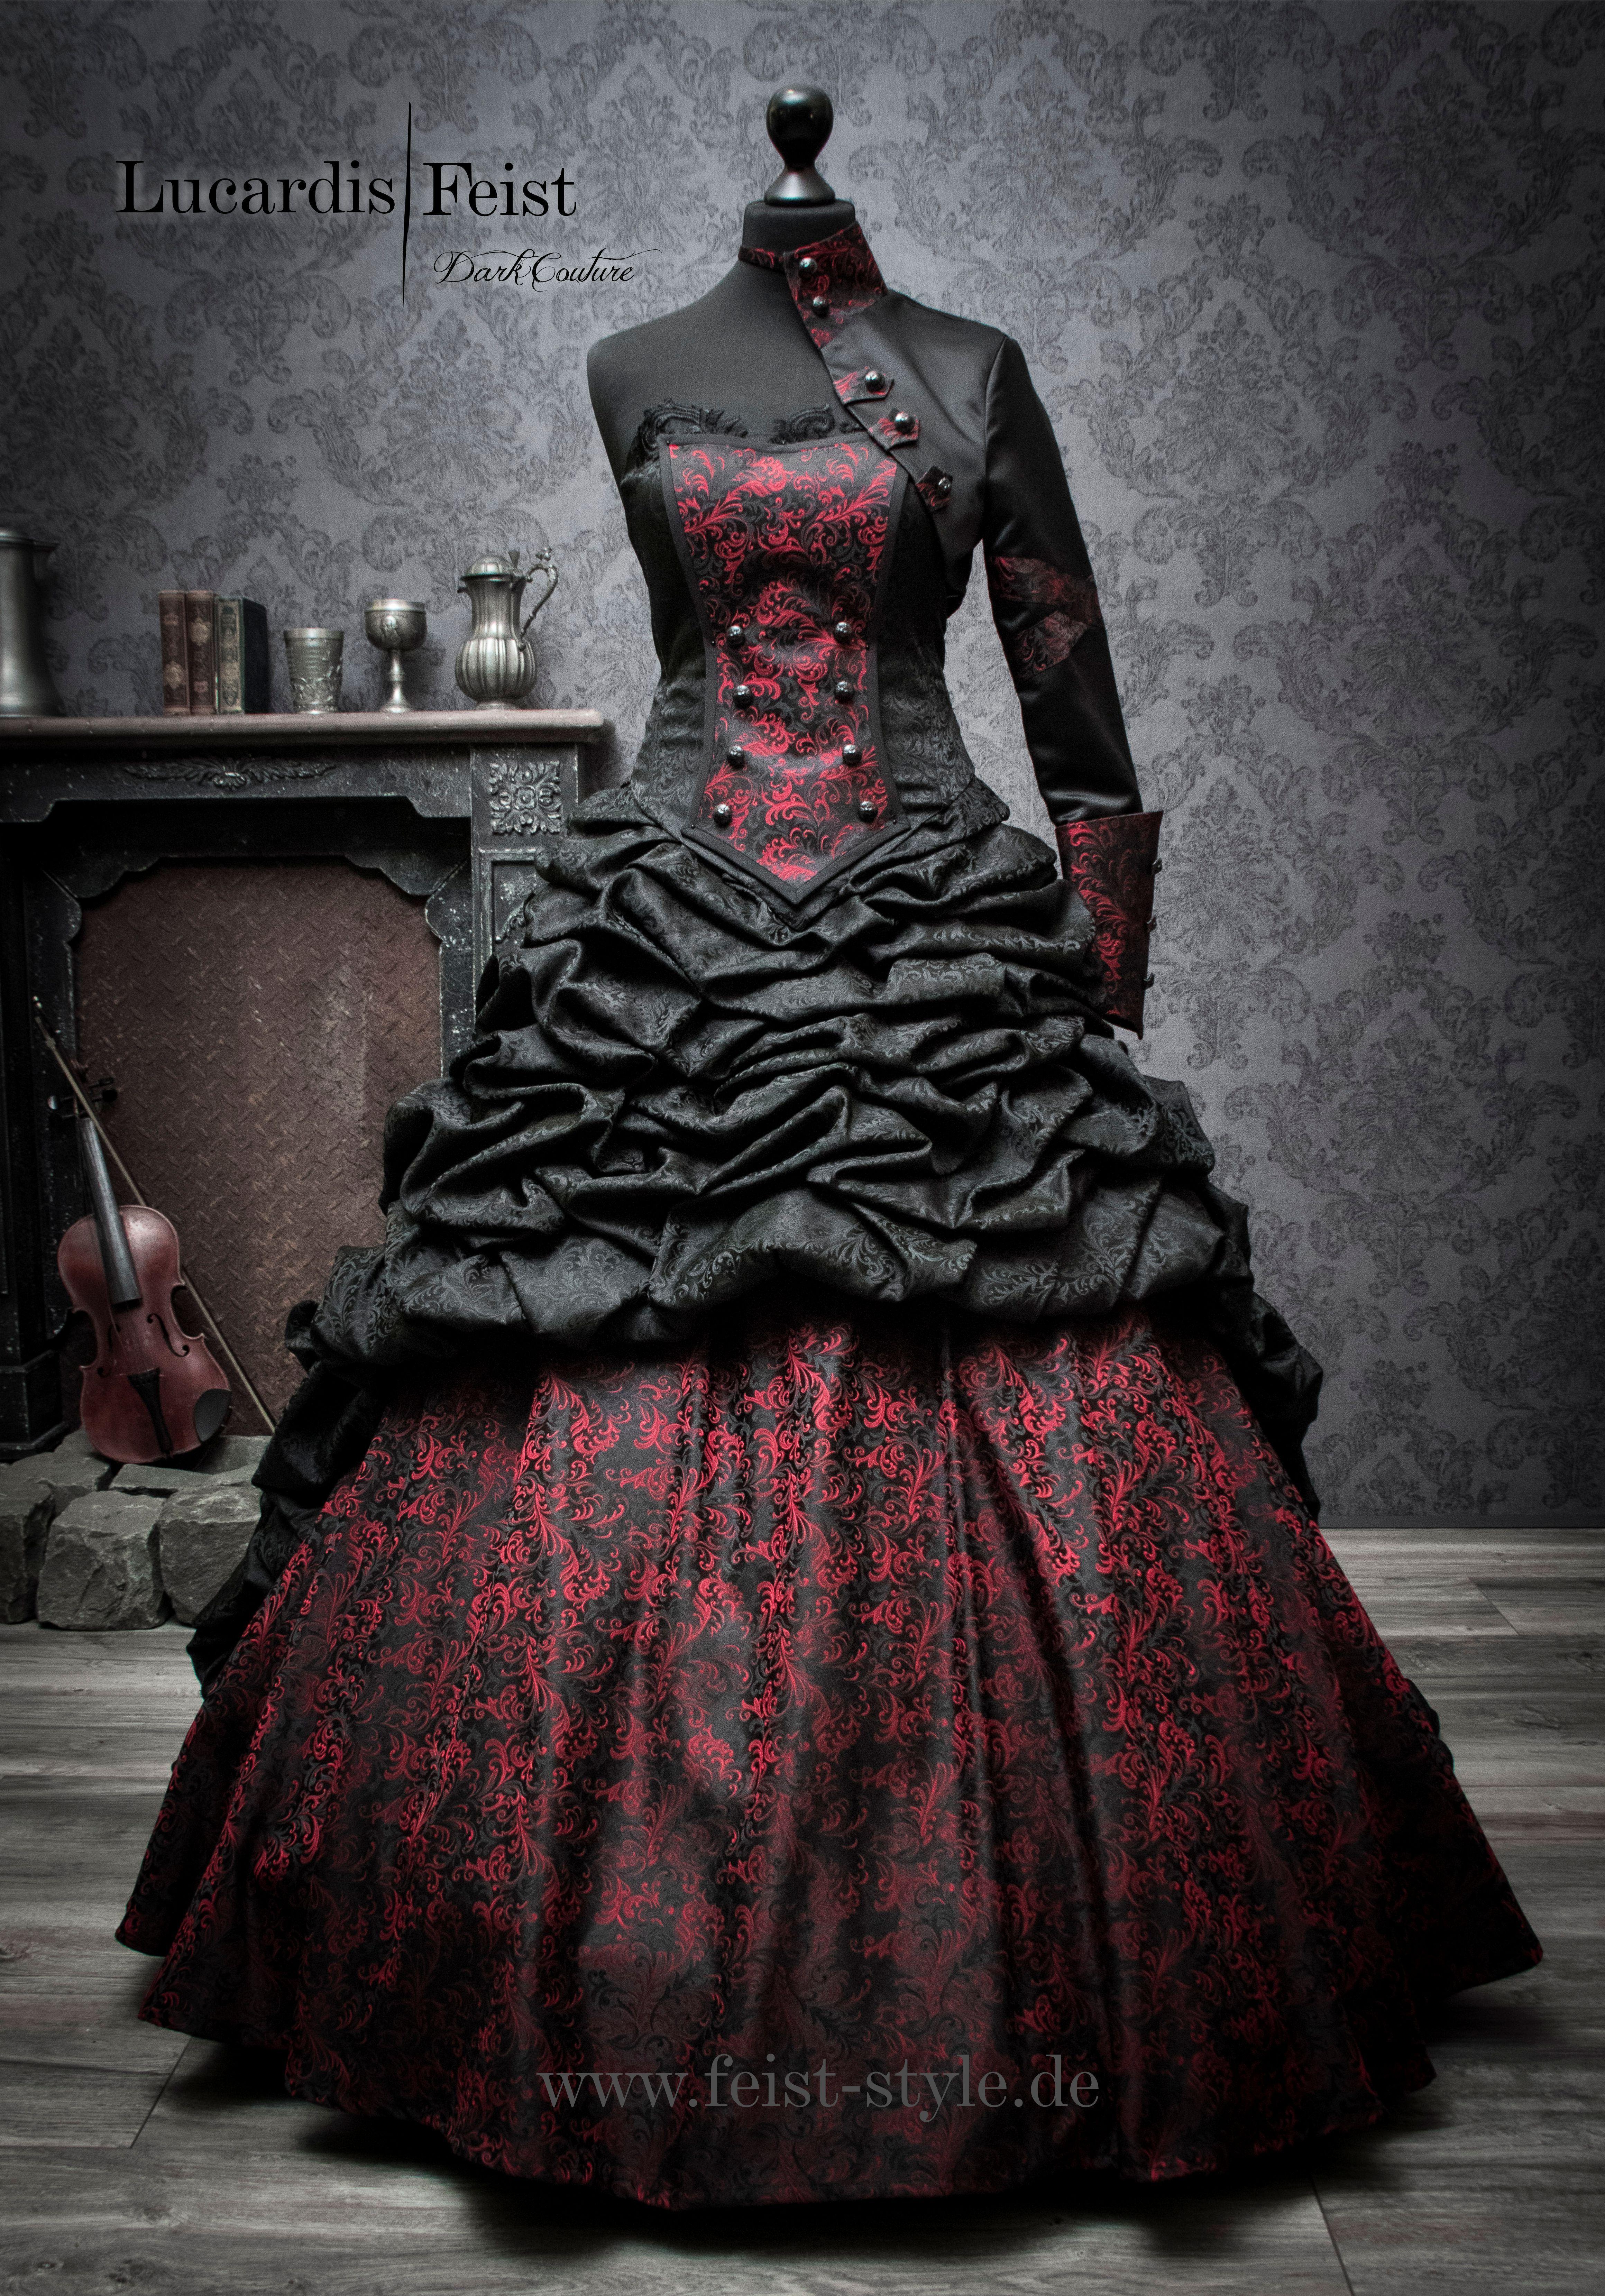 schwarzes brautkleid / lucardis feist #victorian